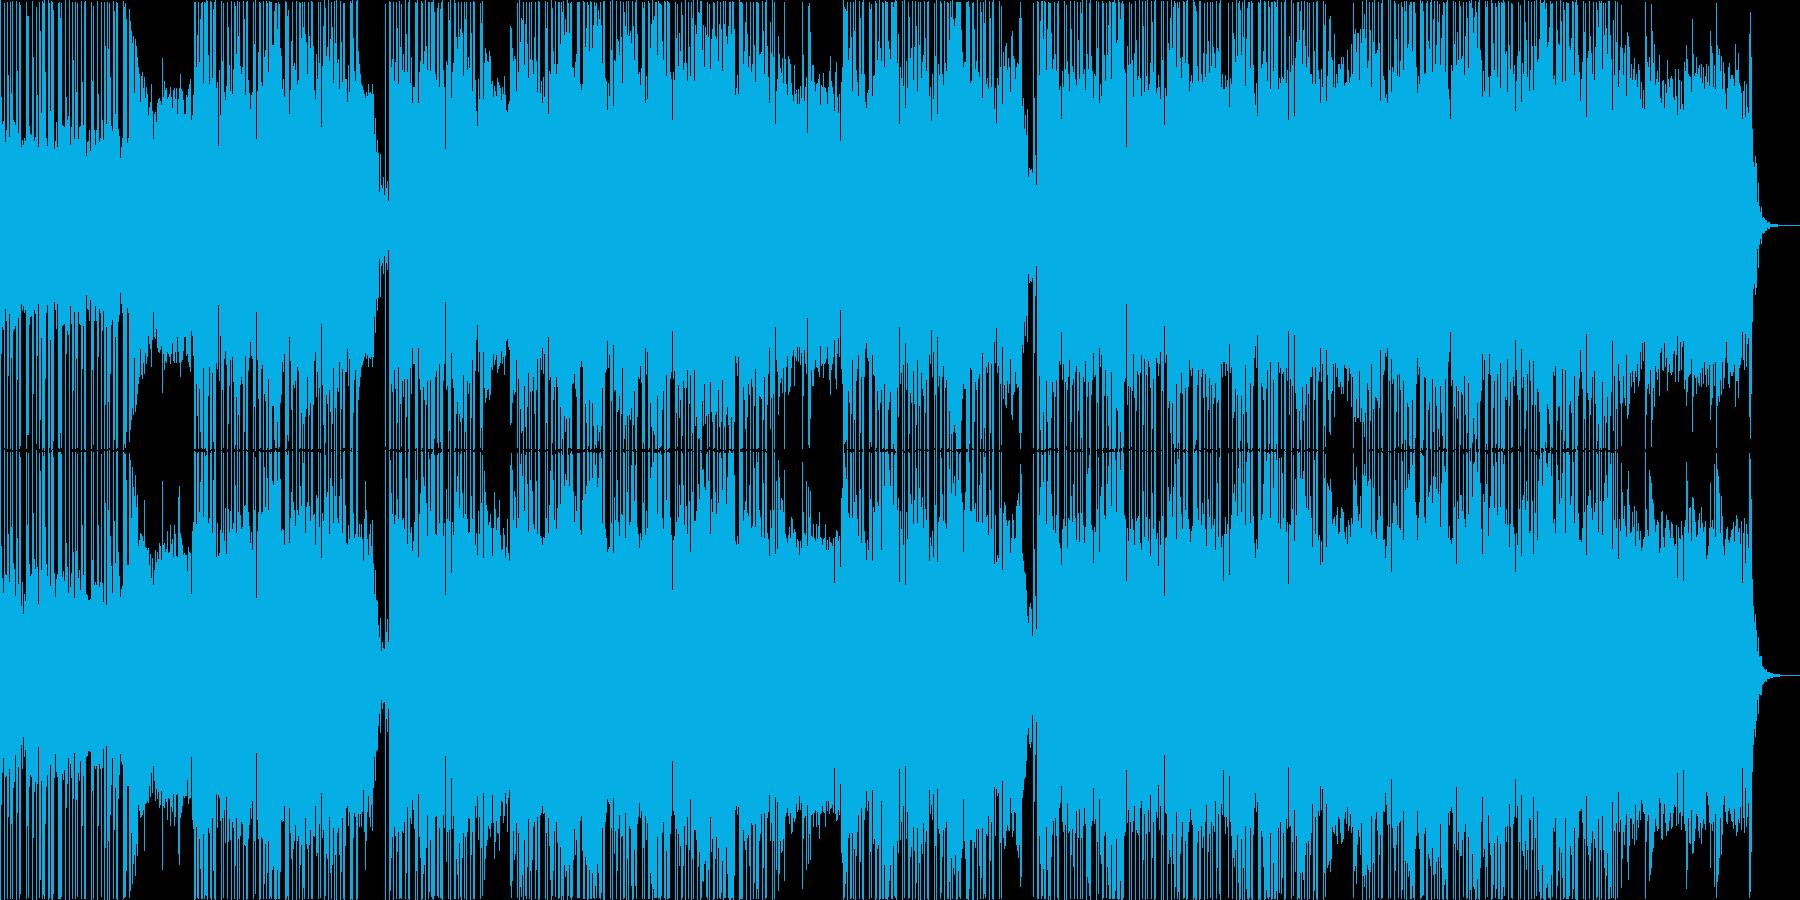 日本的な切なさのチルアウトミュージック。の再生済みの波形